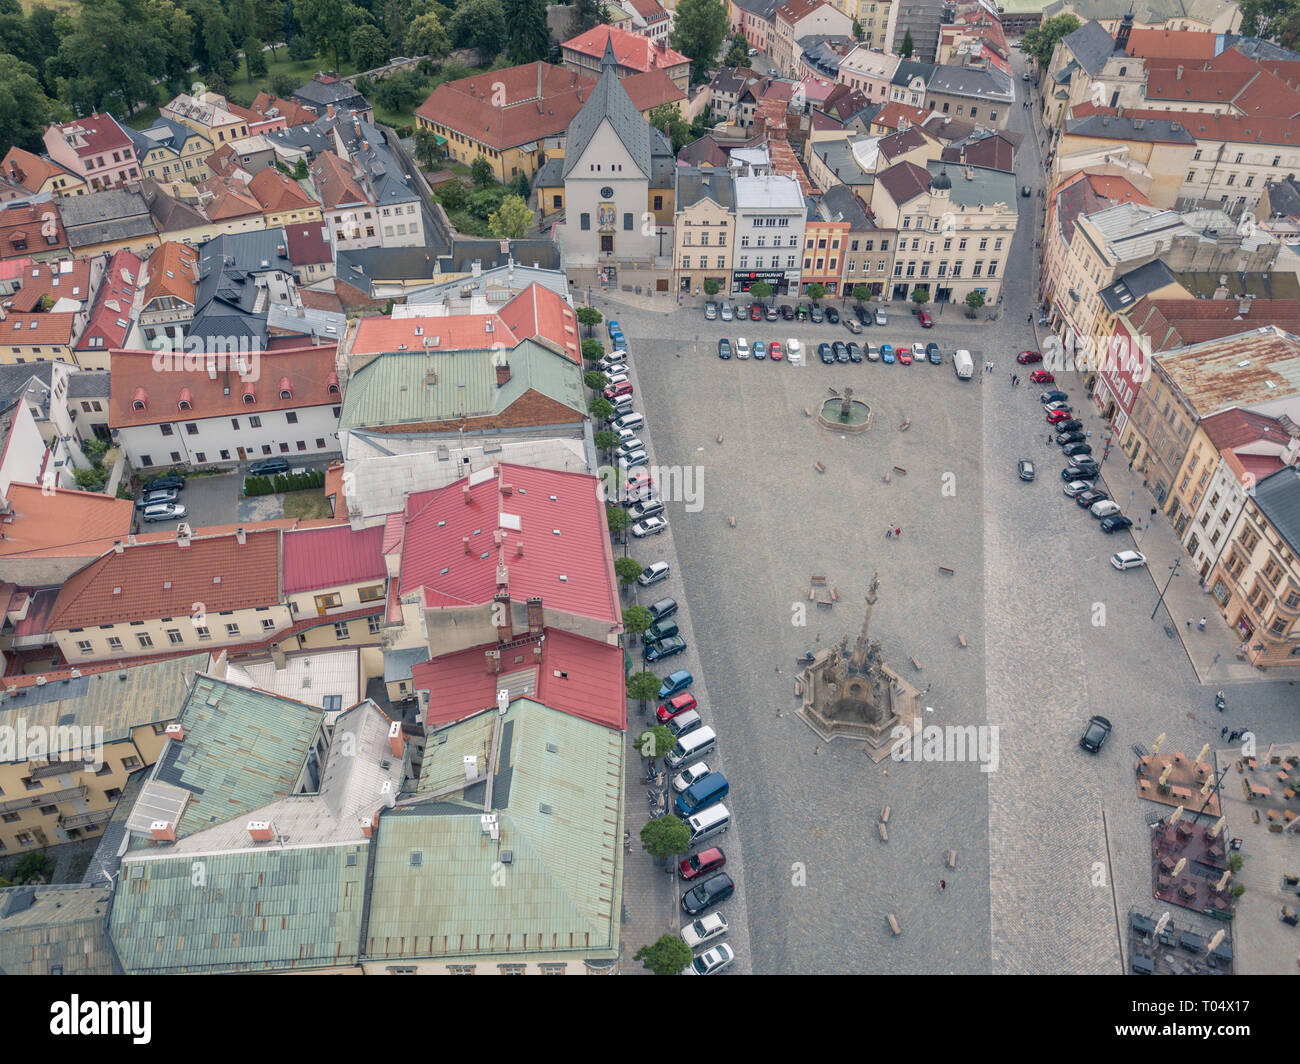 Aerial of Lower square in city of Olomouc (Holomóc or Olomóc, Olmütz, Olomucium, Iuliomontium, Ołomuniec) in Czech Republic. - Stock Image